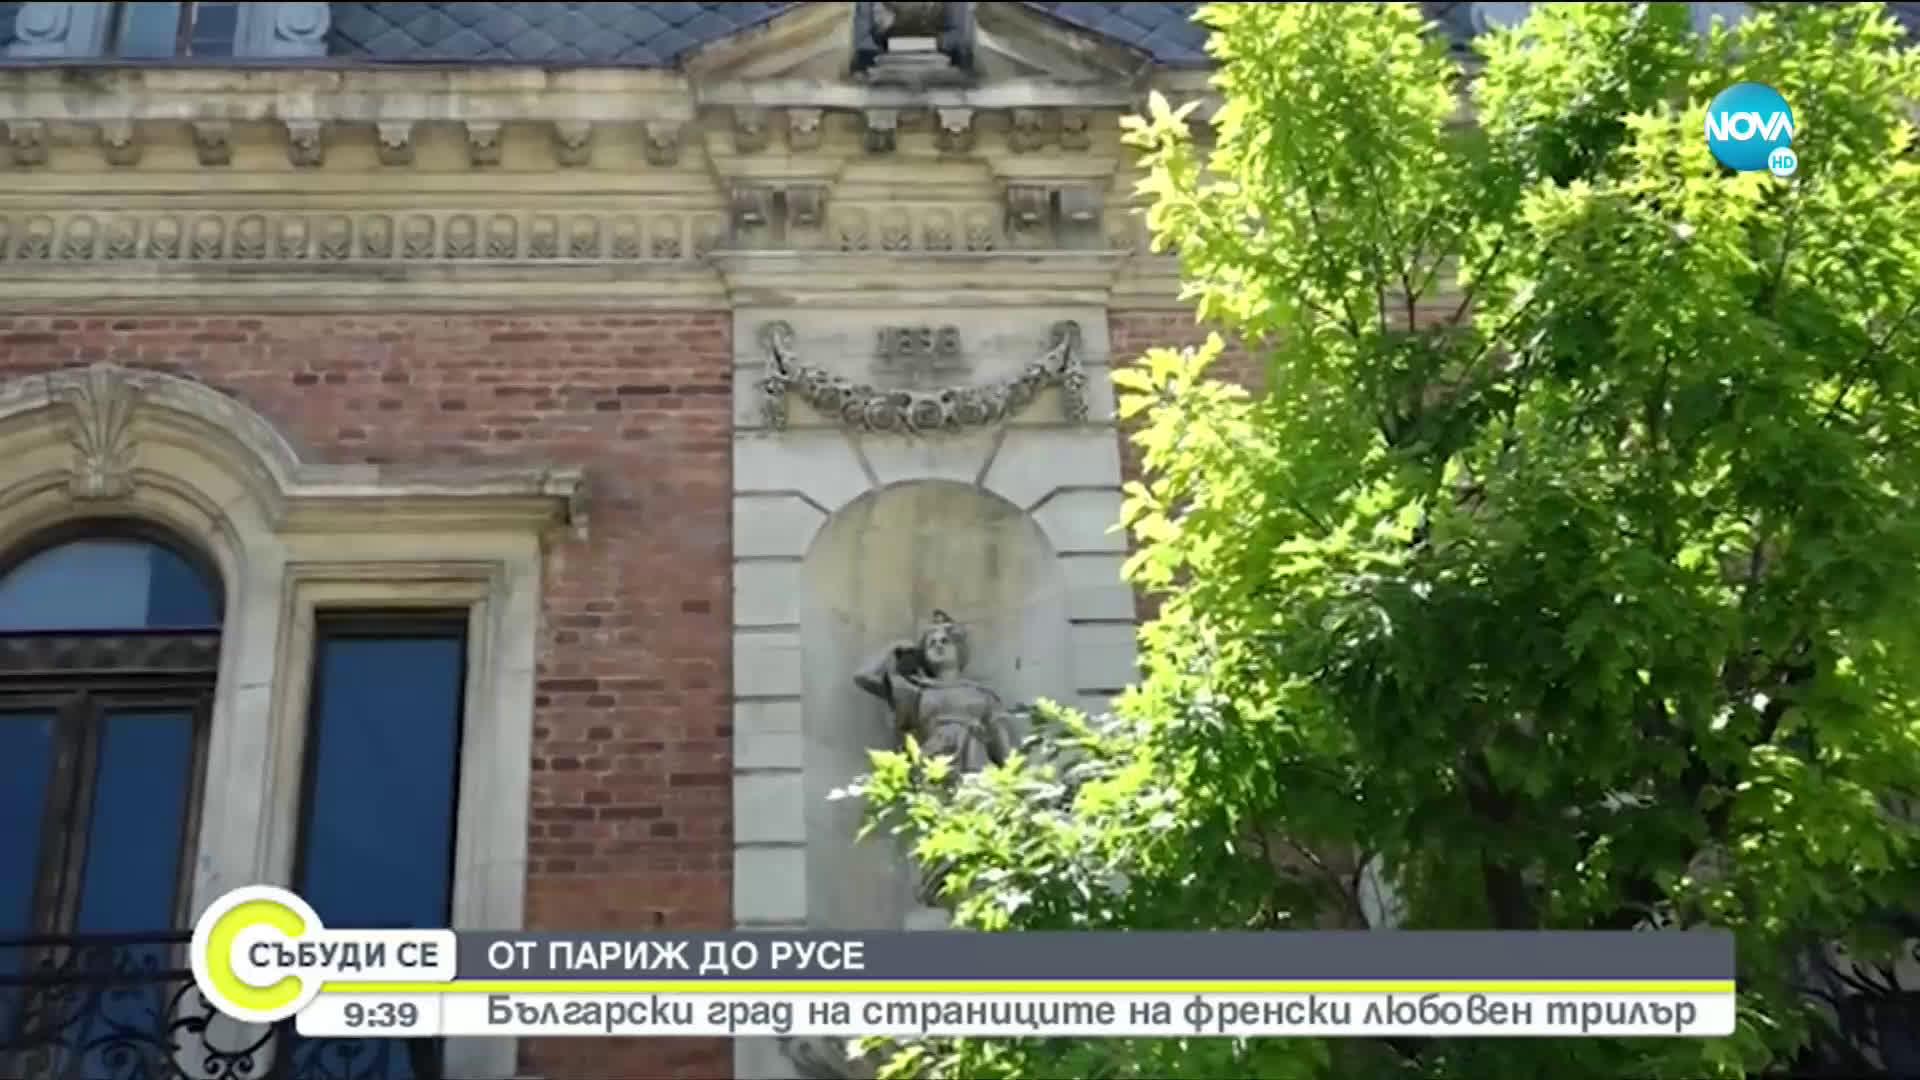 ОТ ПАРИЖ ДО РУСЕ: Българският град на страниците на френски любовен трилър